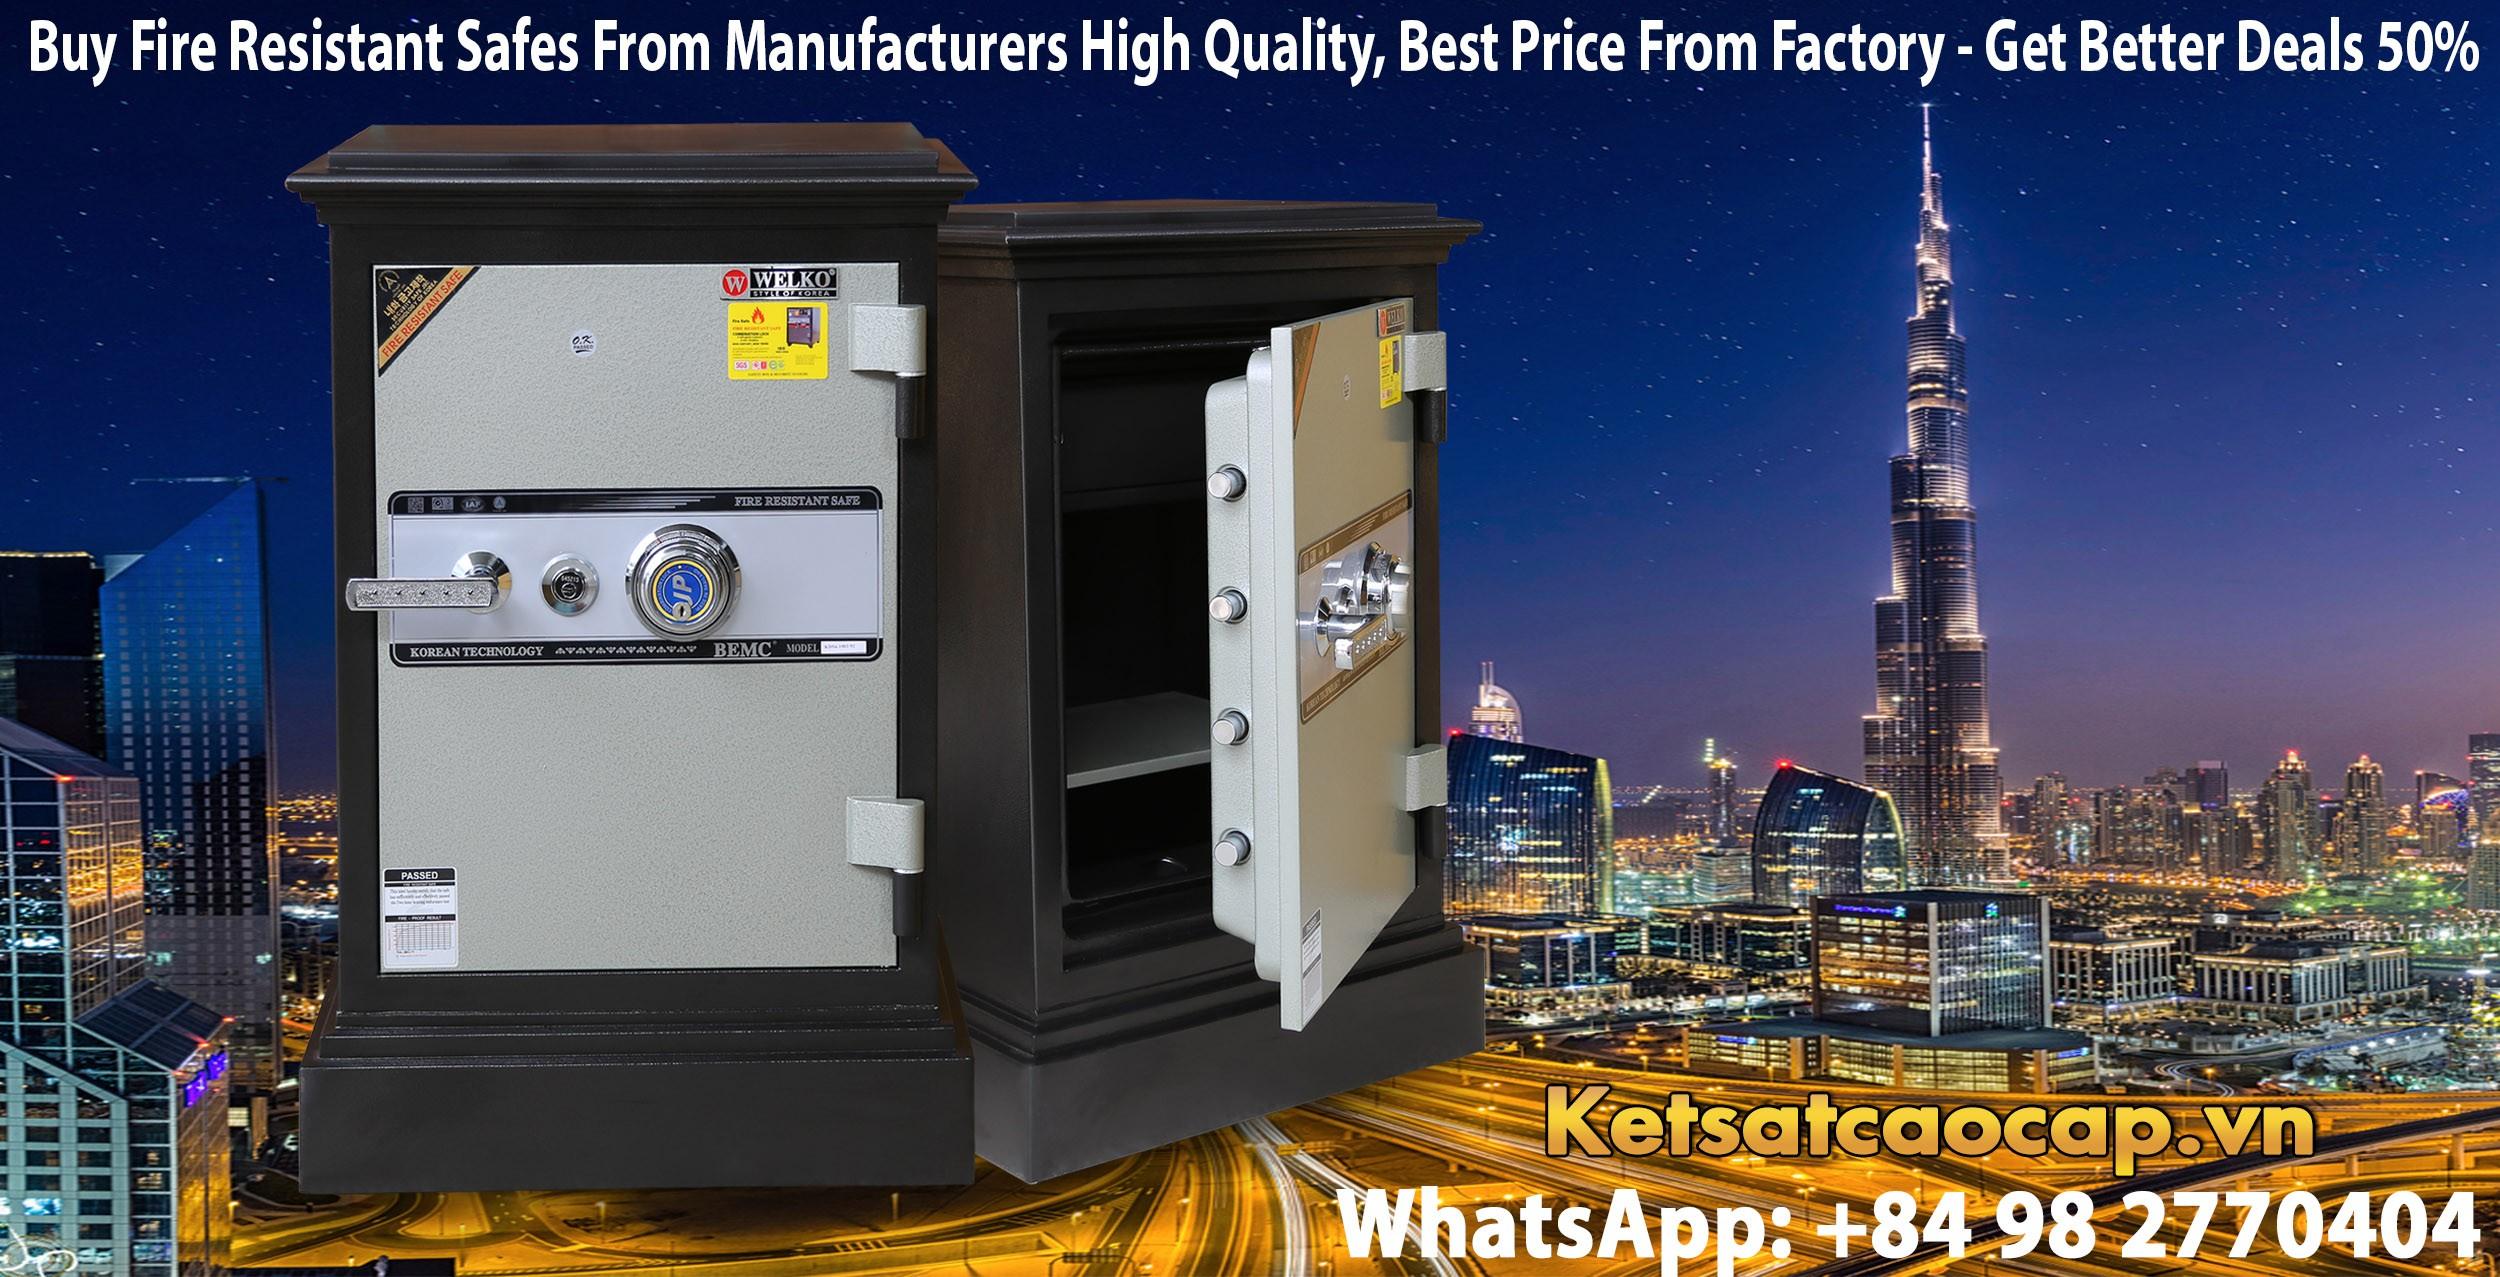 hình ảnh sản phẩm Home Safe Wholesale Suppliers